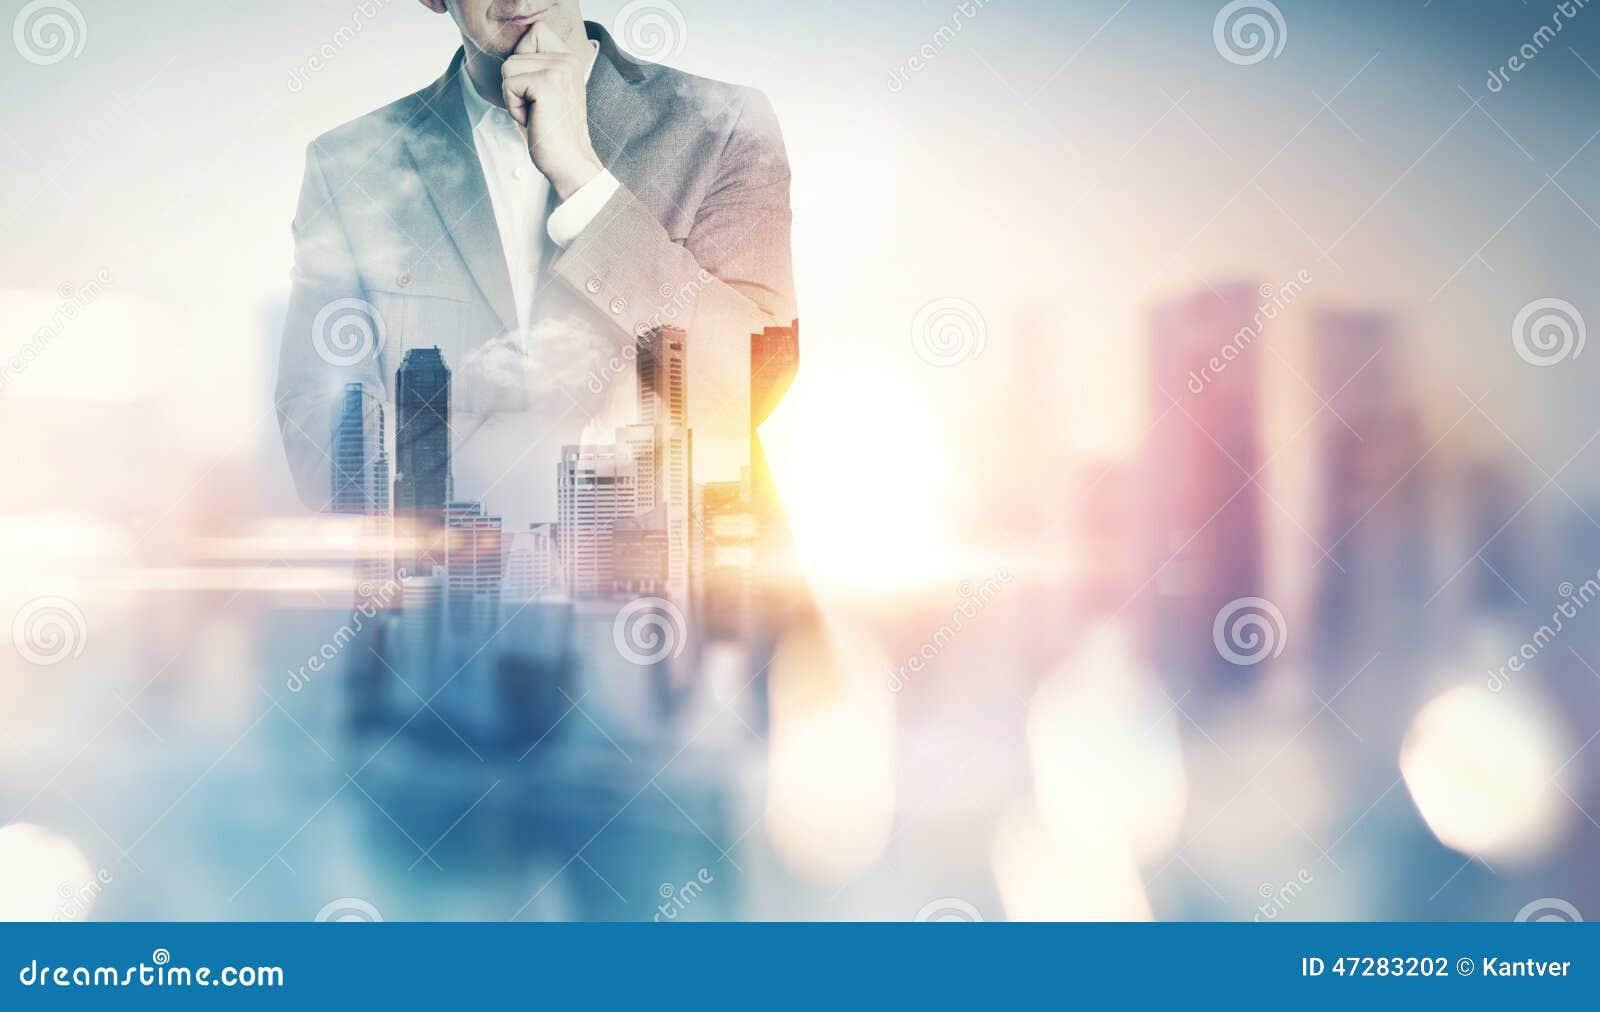 Двойная экспозиция города и бизнесмена с световыми эффектами